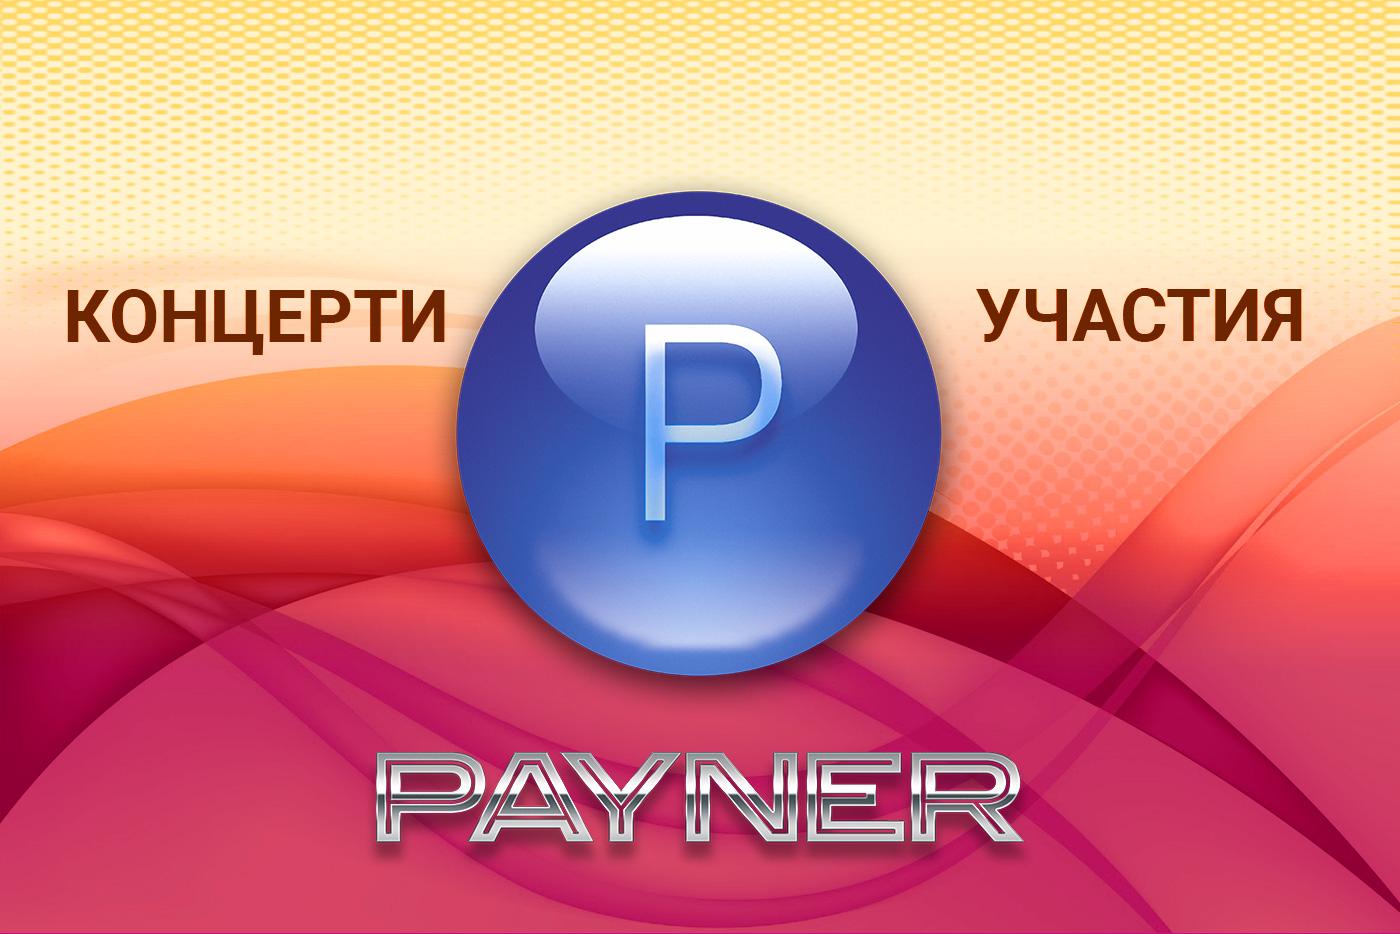 """Участия на звездите на """"Пайнер"""" на 01.02.2020"""